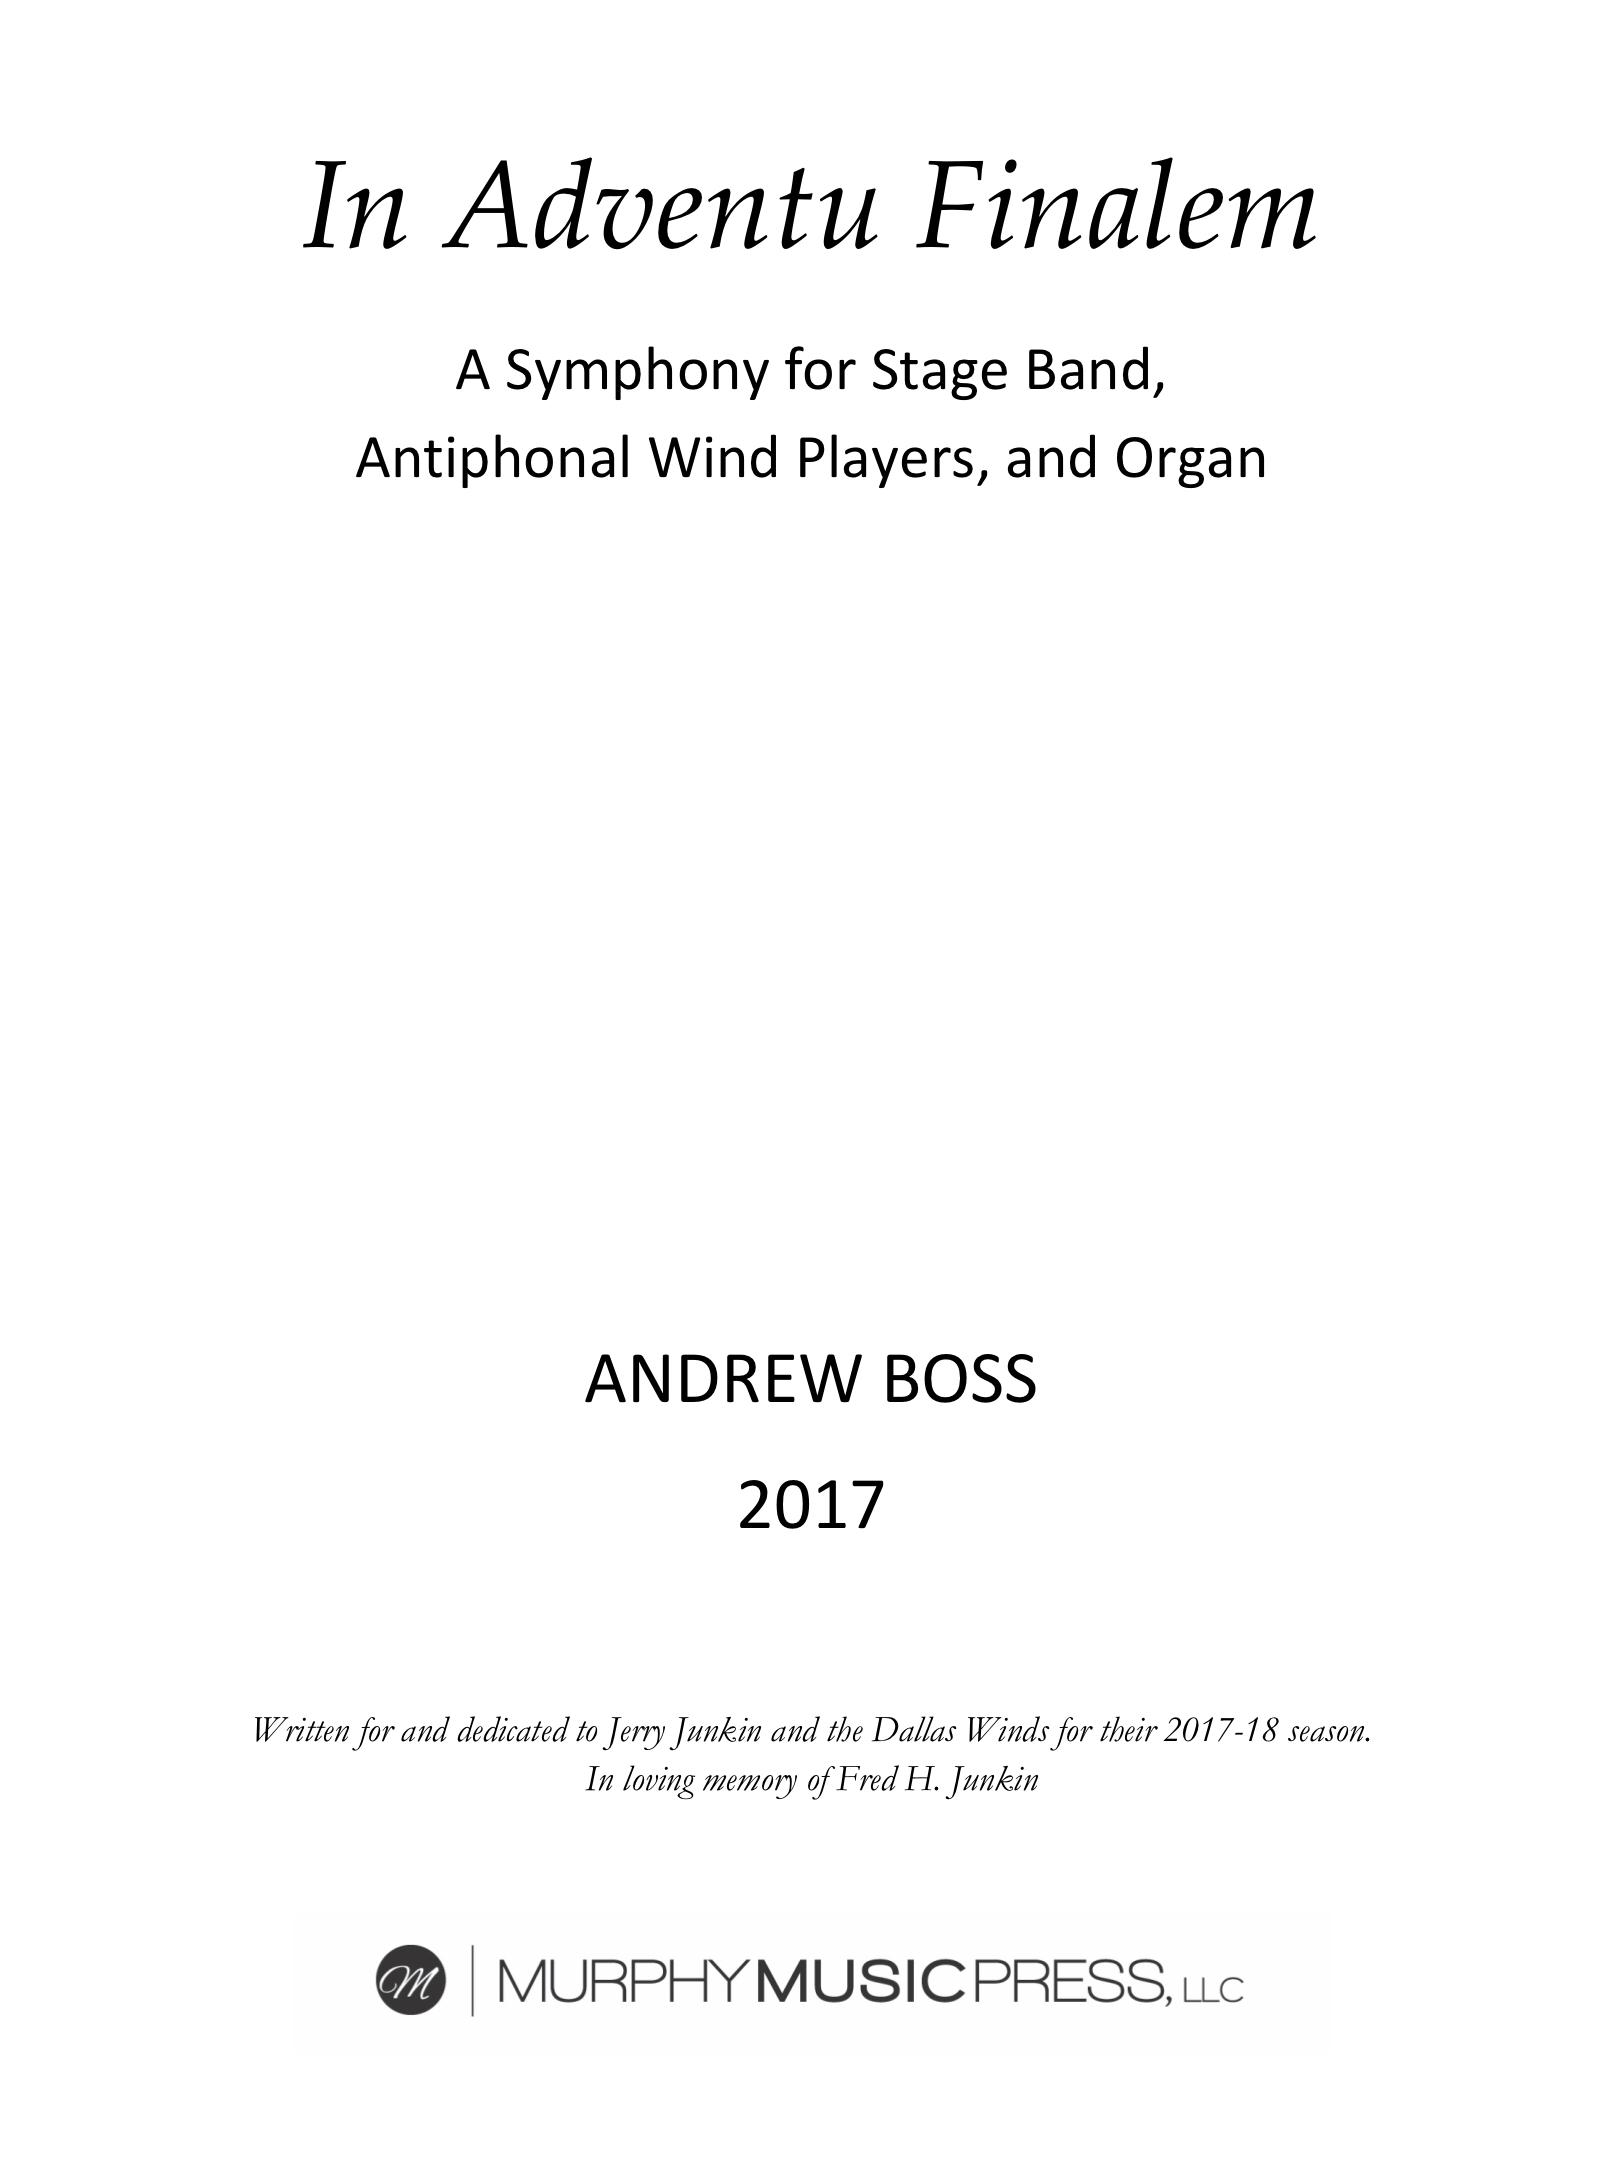 In Adventu Finalem (PDF Score Only) by Andrew Boss